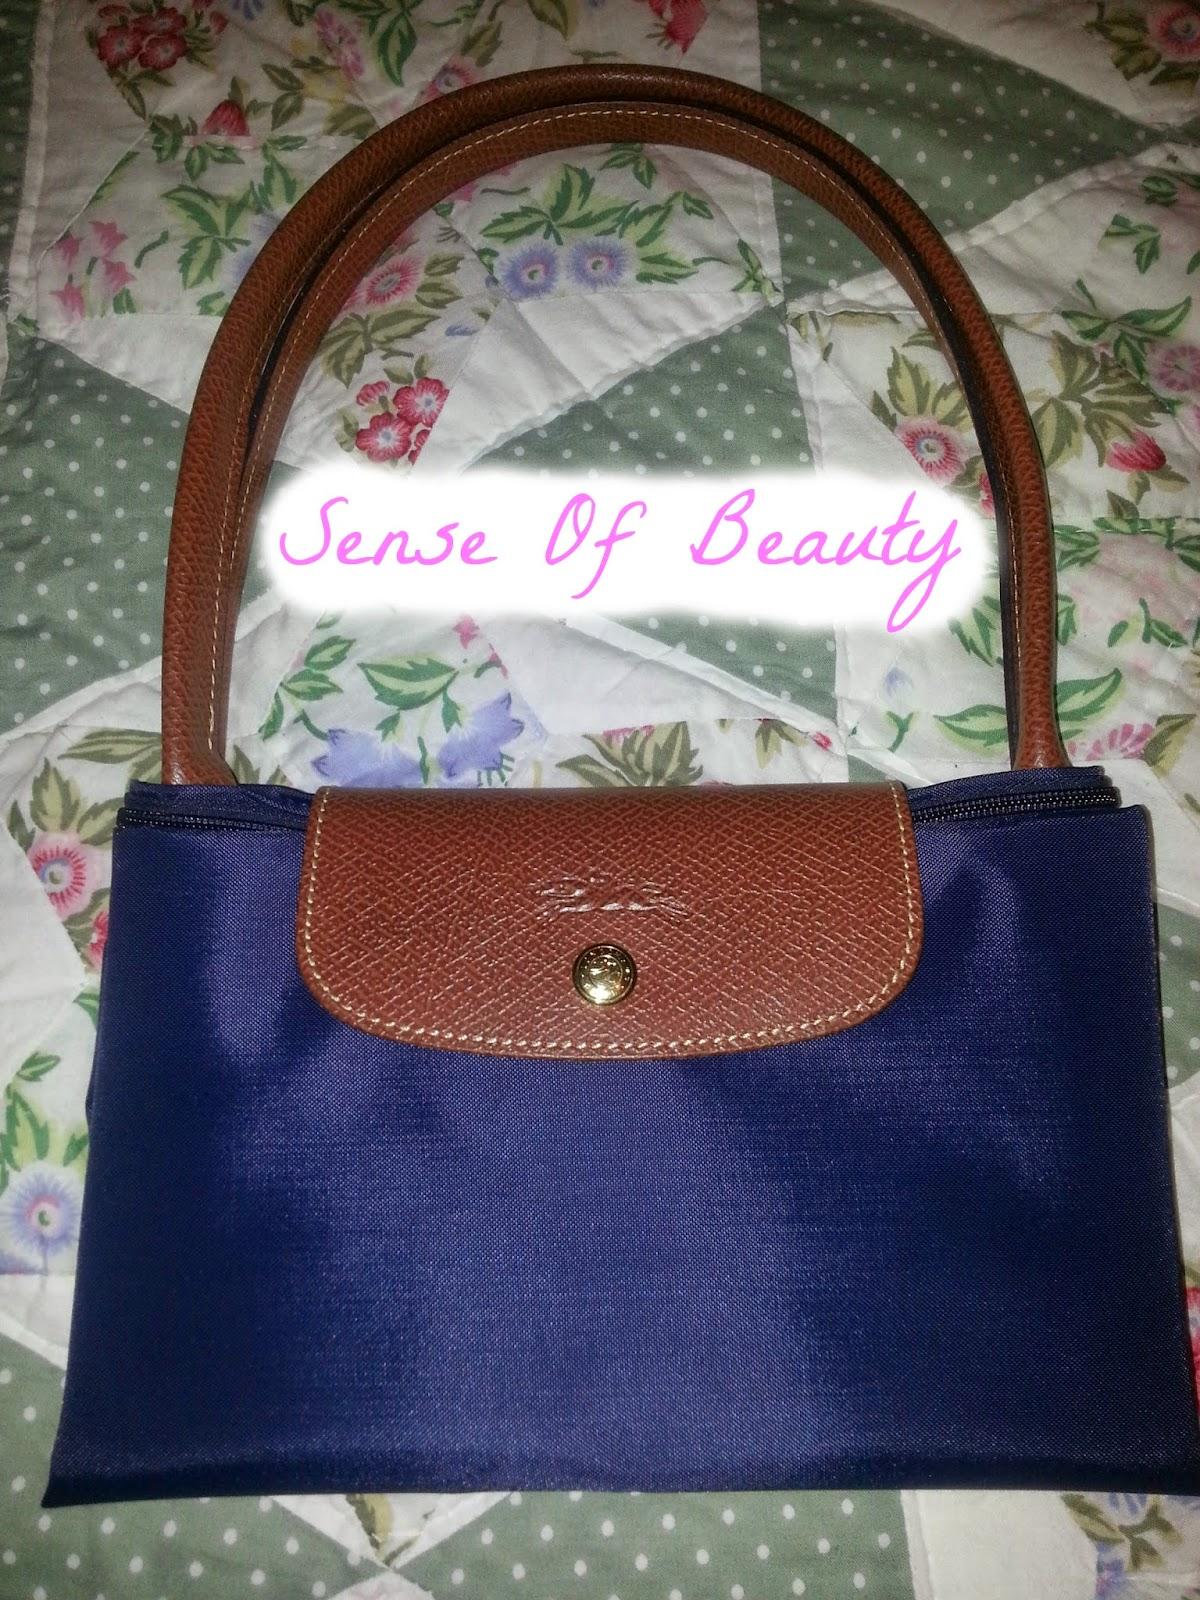 Sense Of Beauty Review Longchamp Le Pliage Michael Kors Handbags Brown Thomas Dublin